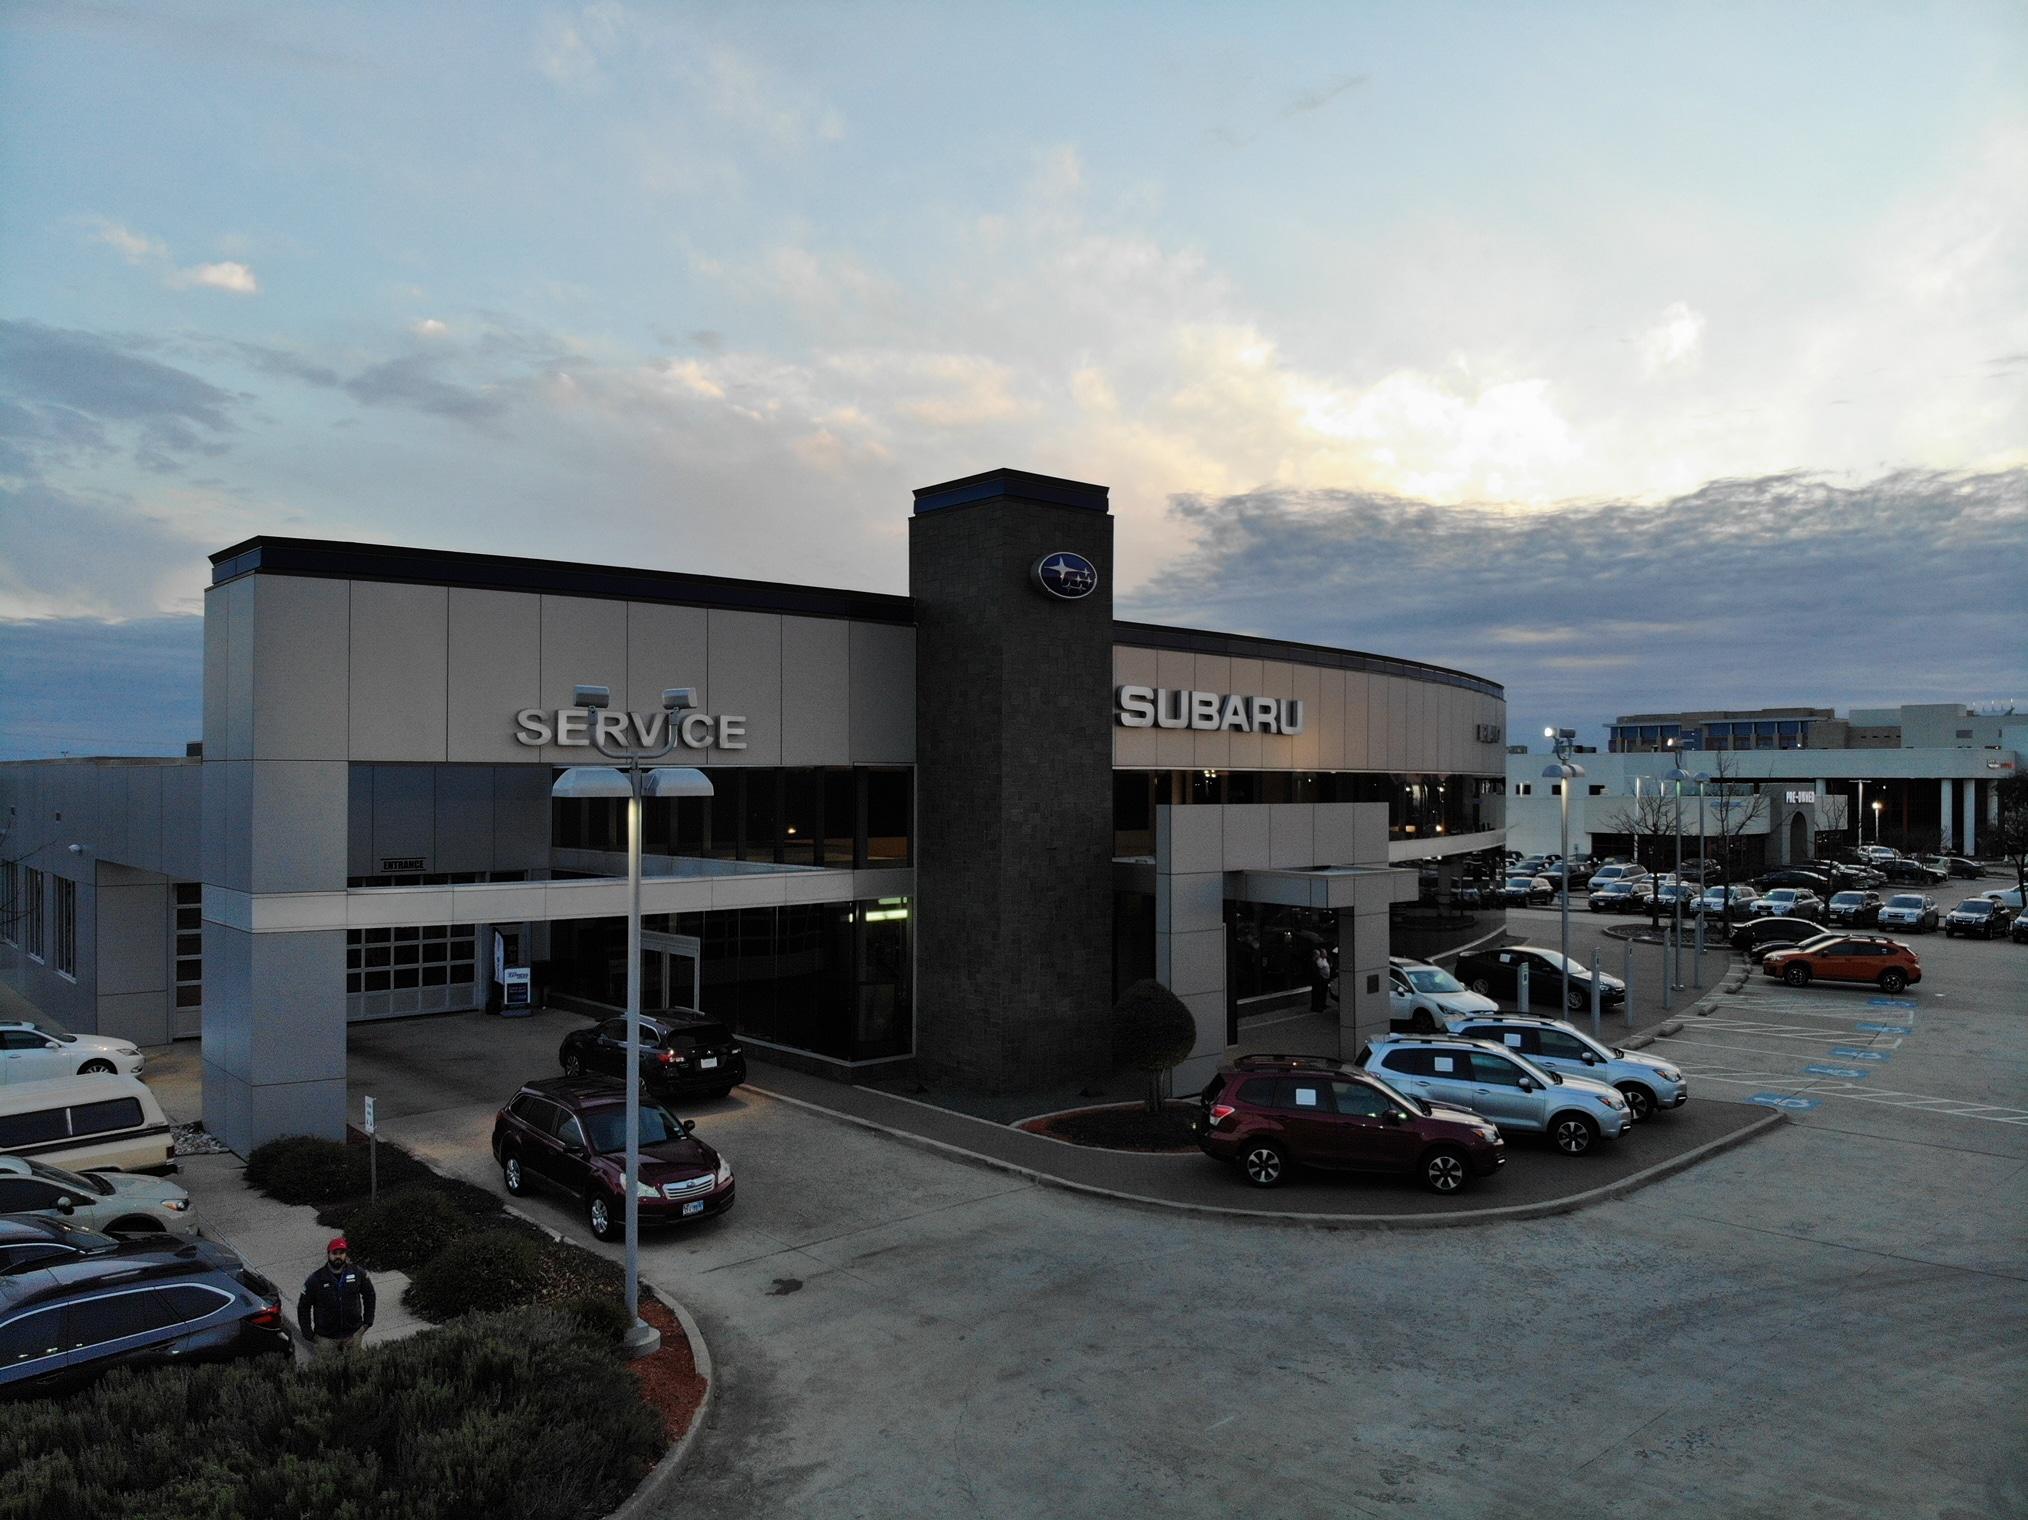 2007 Used Lincoln Navigator For Sale near Dallas in Plano